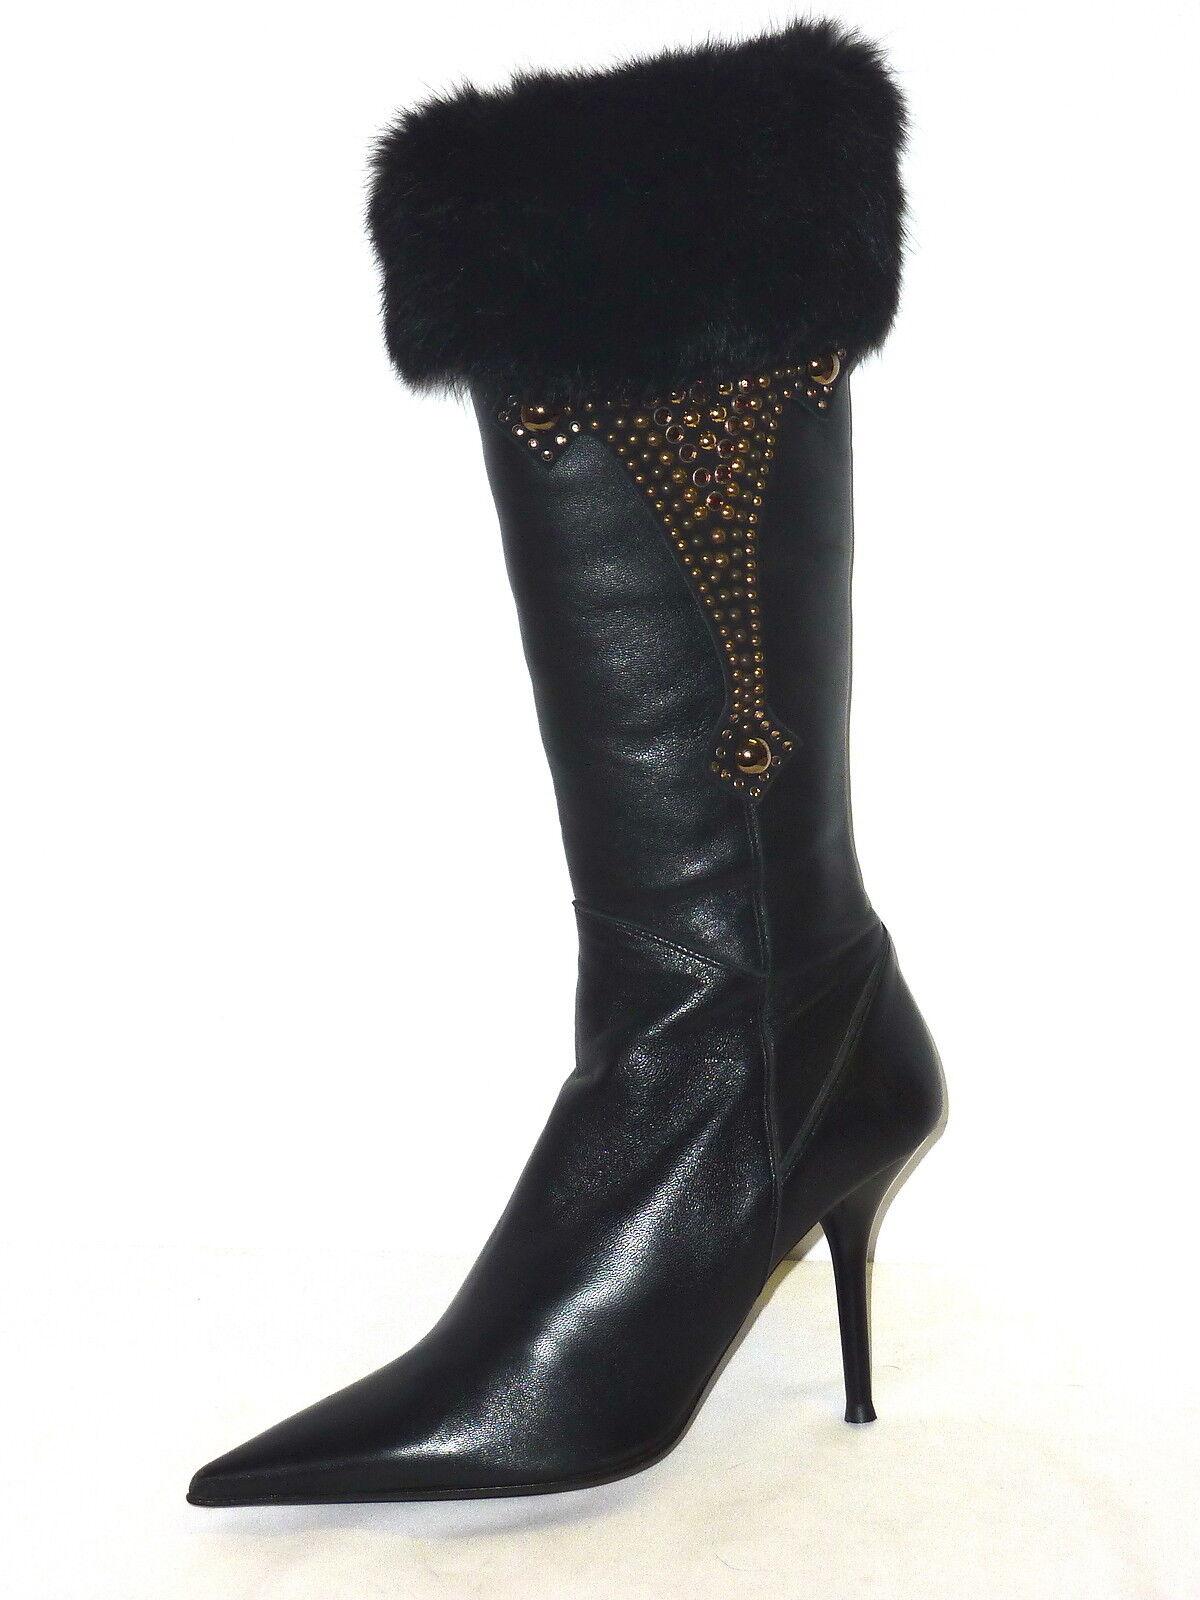 Grandes zapatos con descuento LORIBLU STIVALI DONNA PELLE NERO INTERNO MONTONE SCARPE TACCHI ALTI SWAROVSKY 38